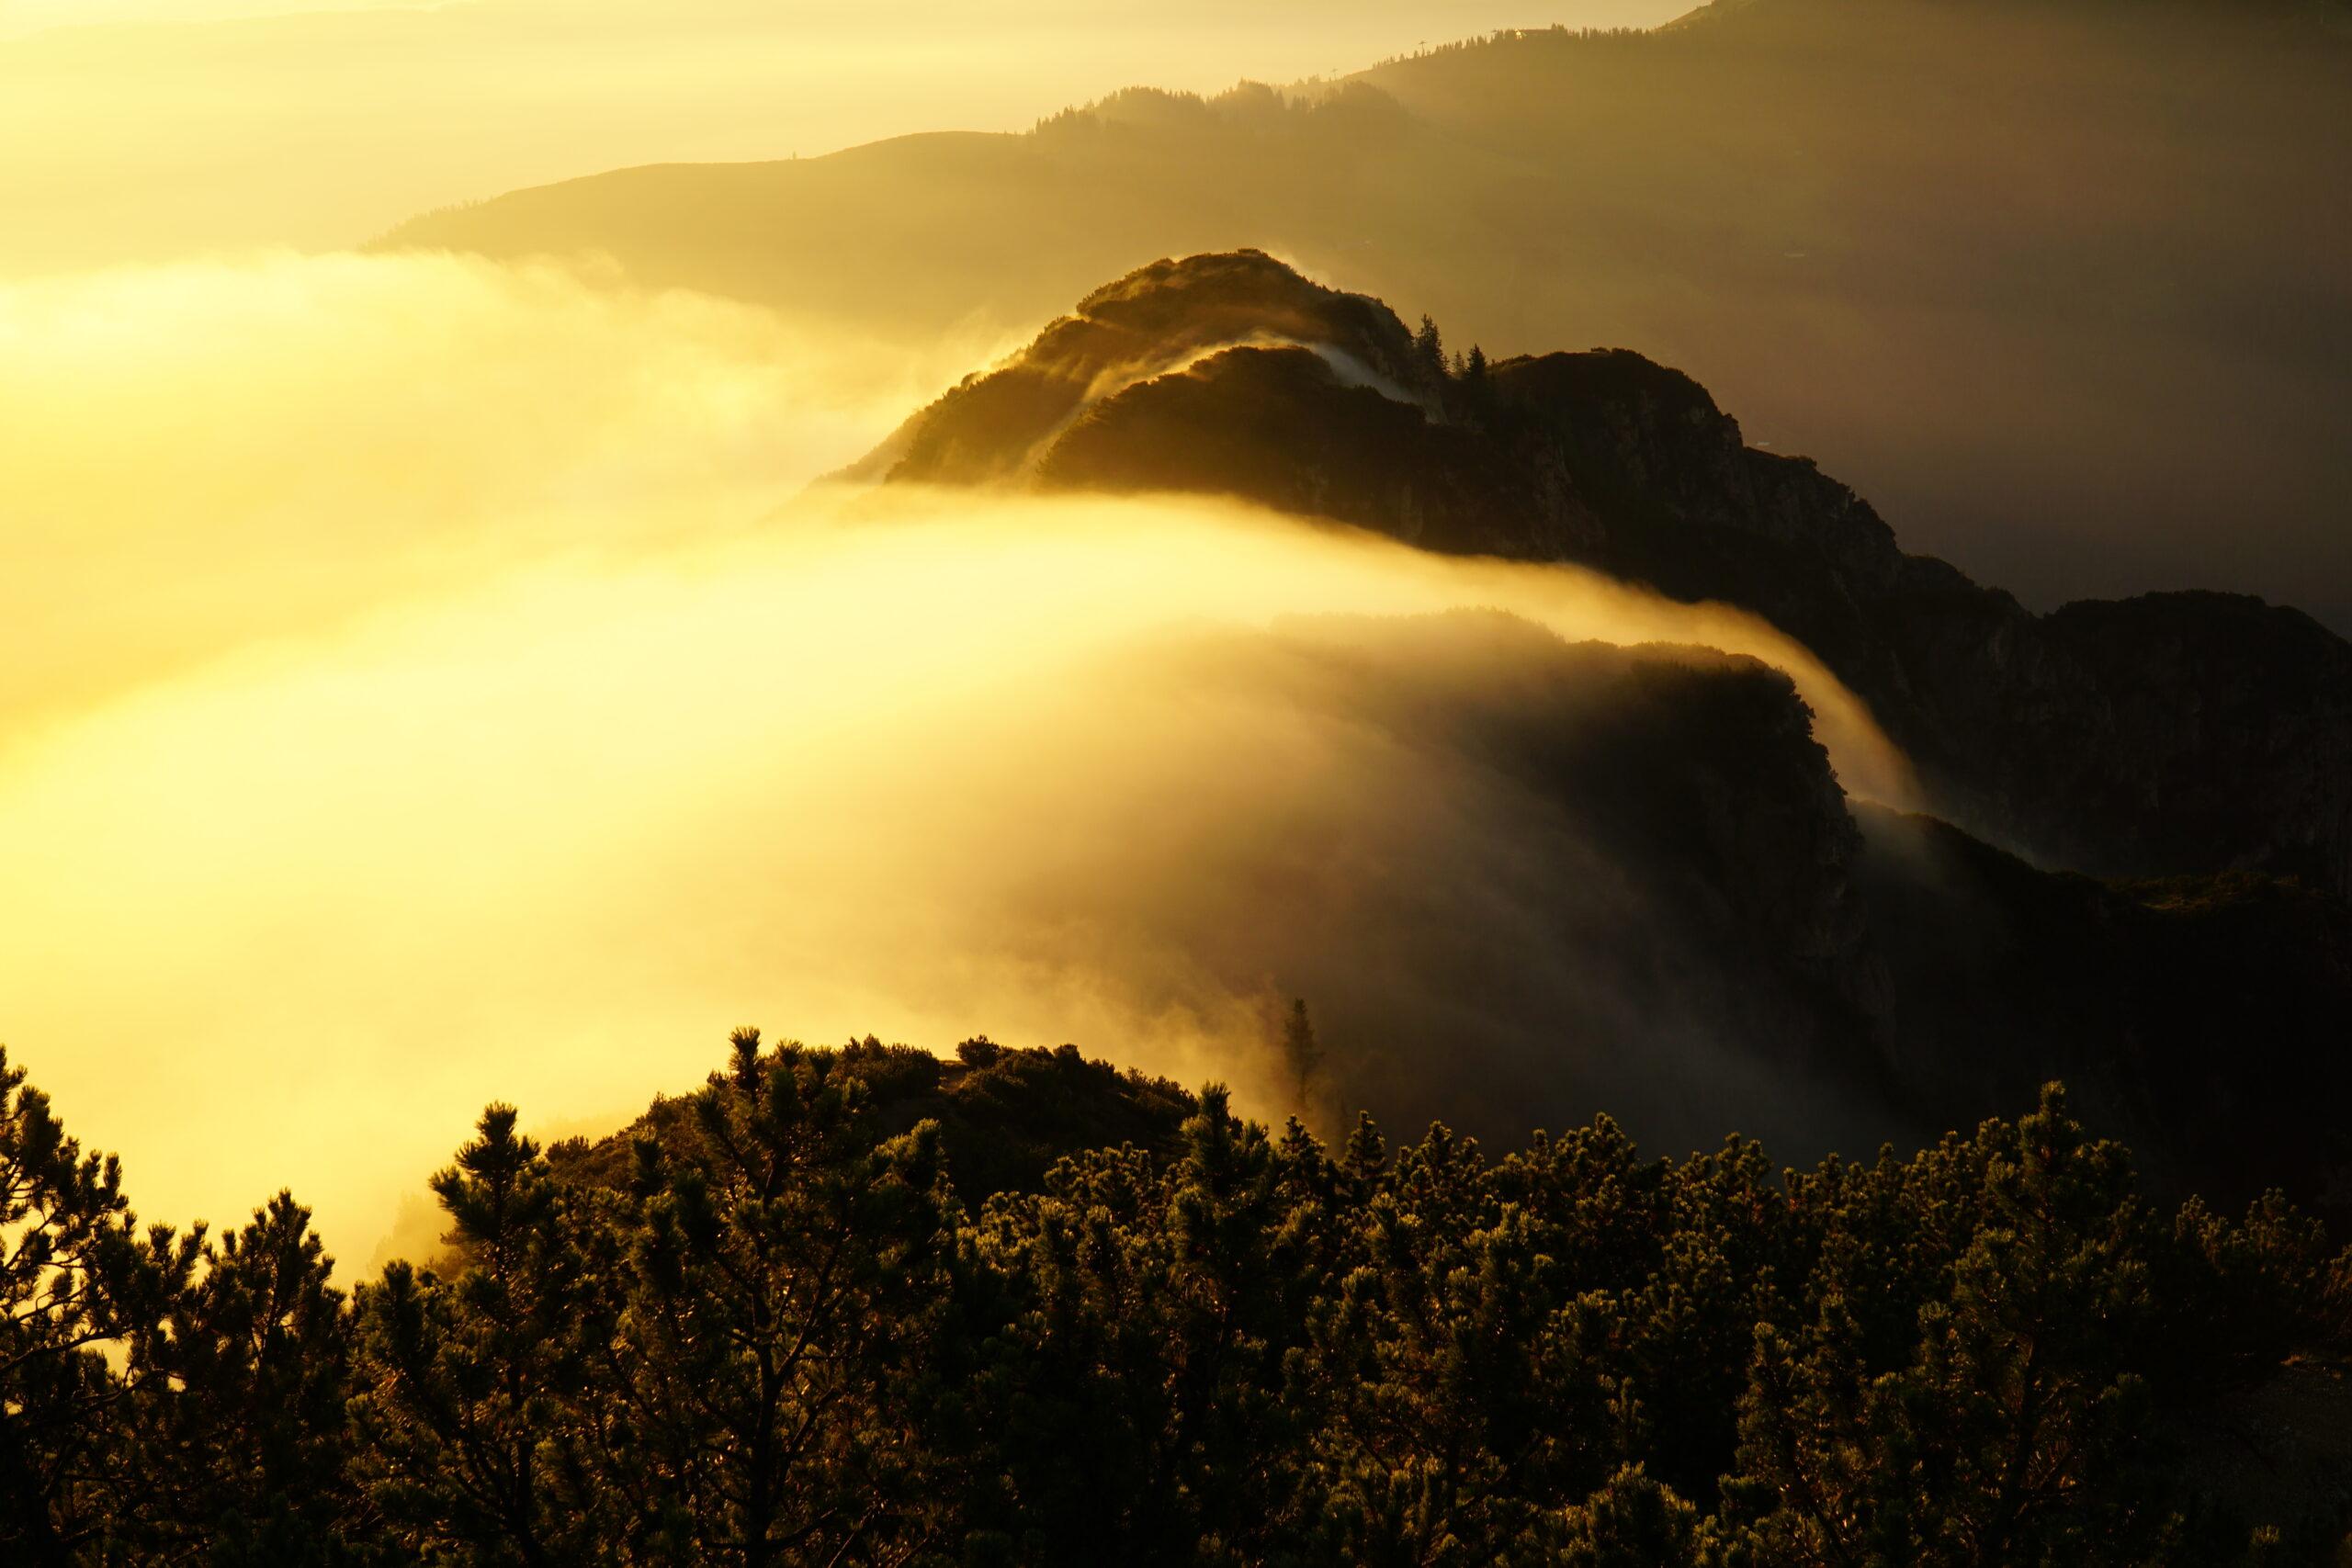 Naturschauspiel_Alpbachtal_ideal für die Meditation